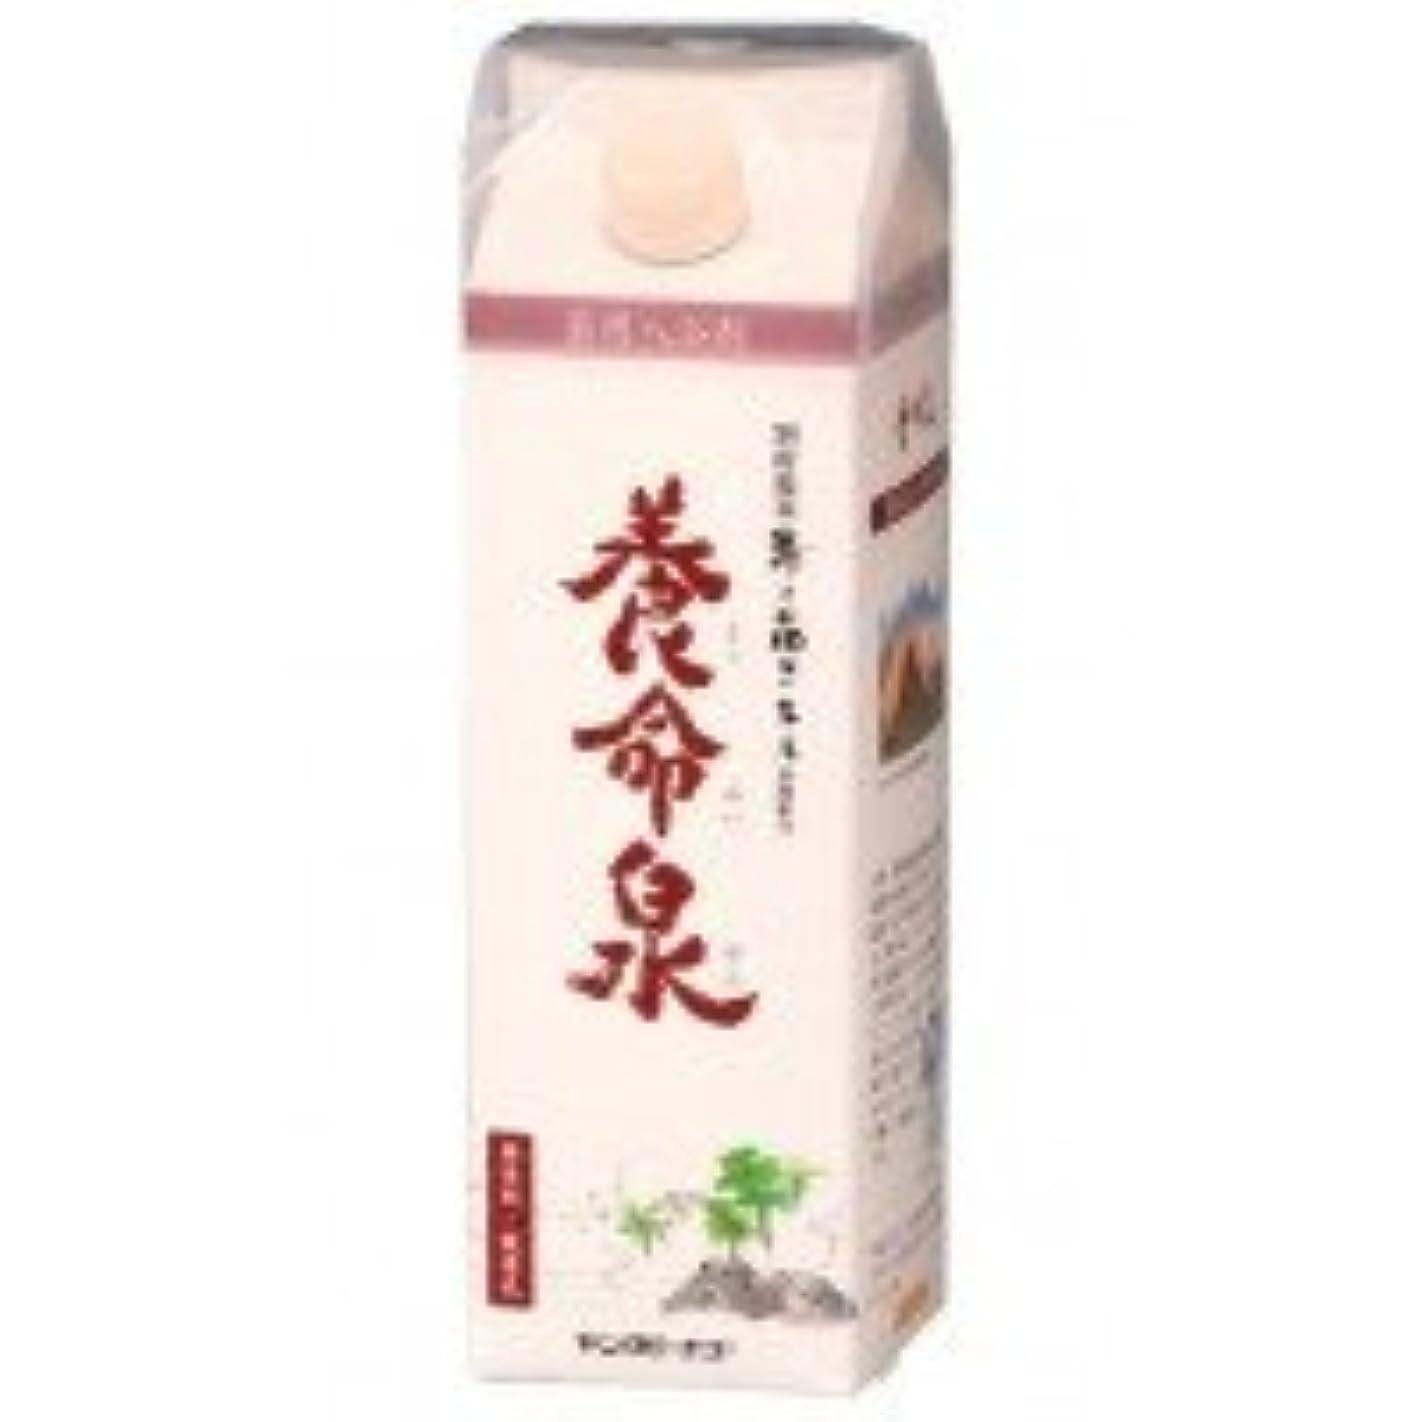 ミリメートルブリード固めるヤングビーナス 薬用入浴剤 養命泉 900g